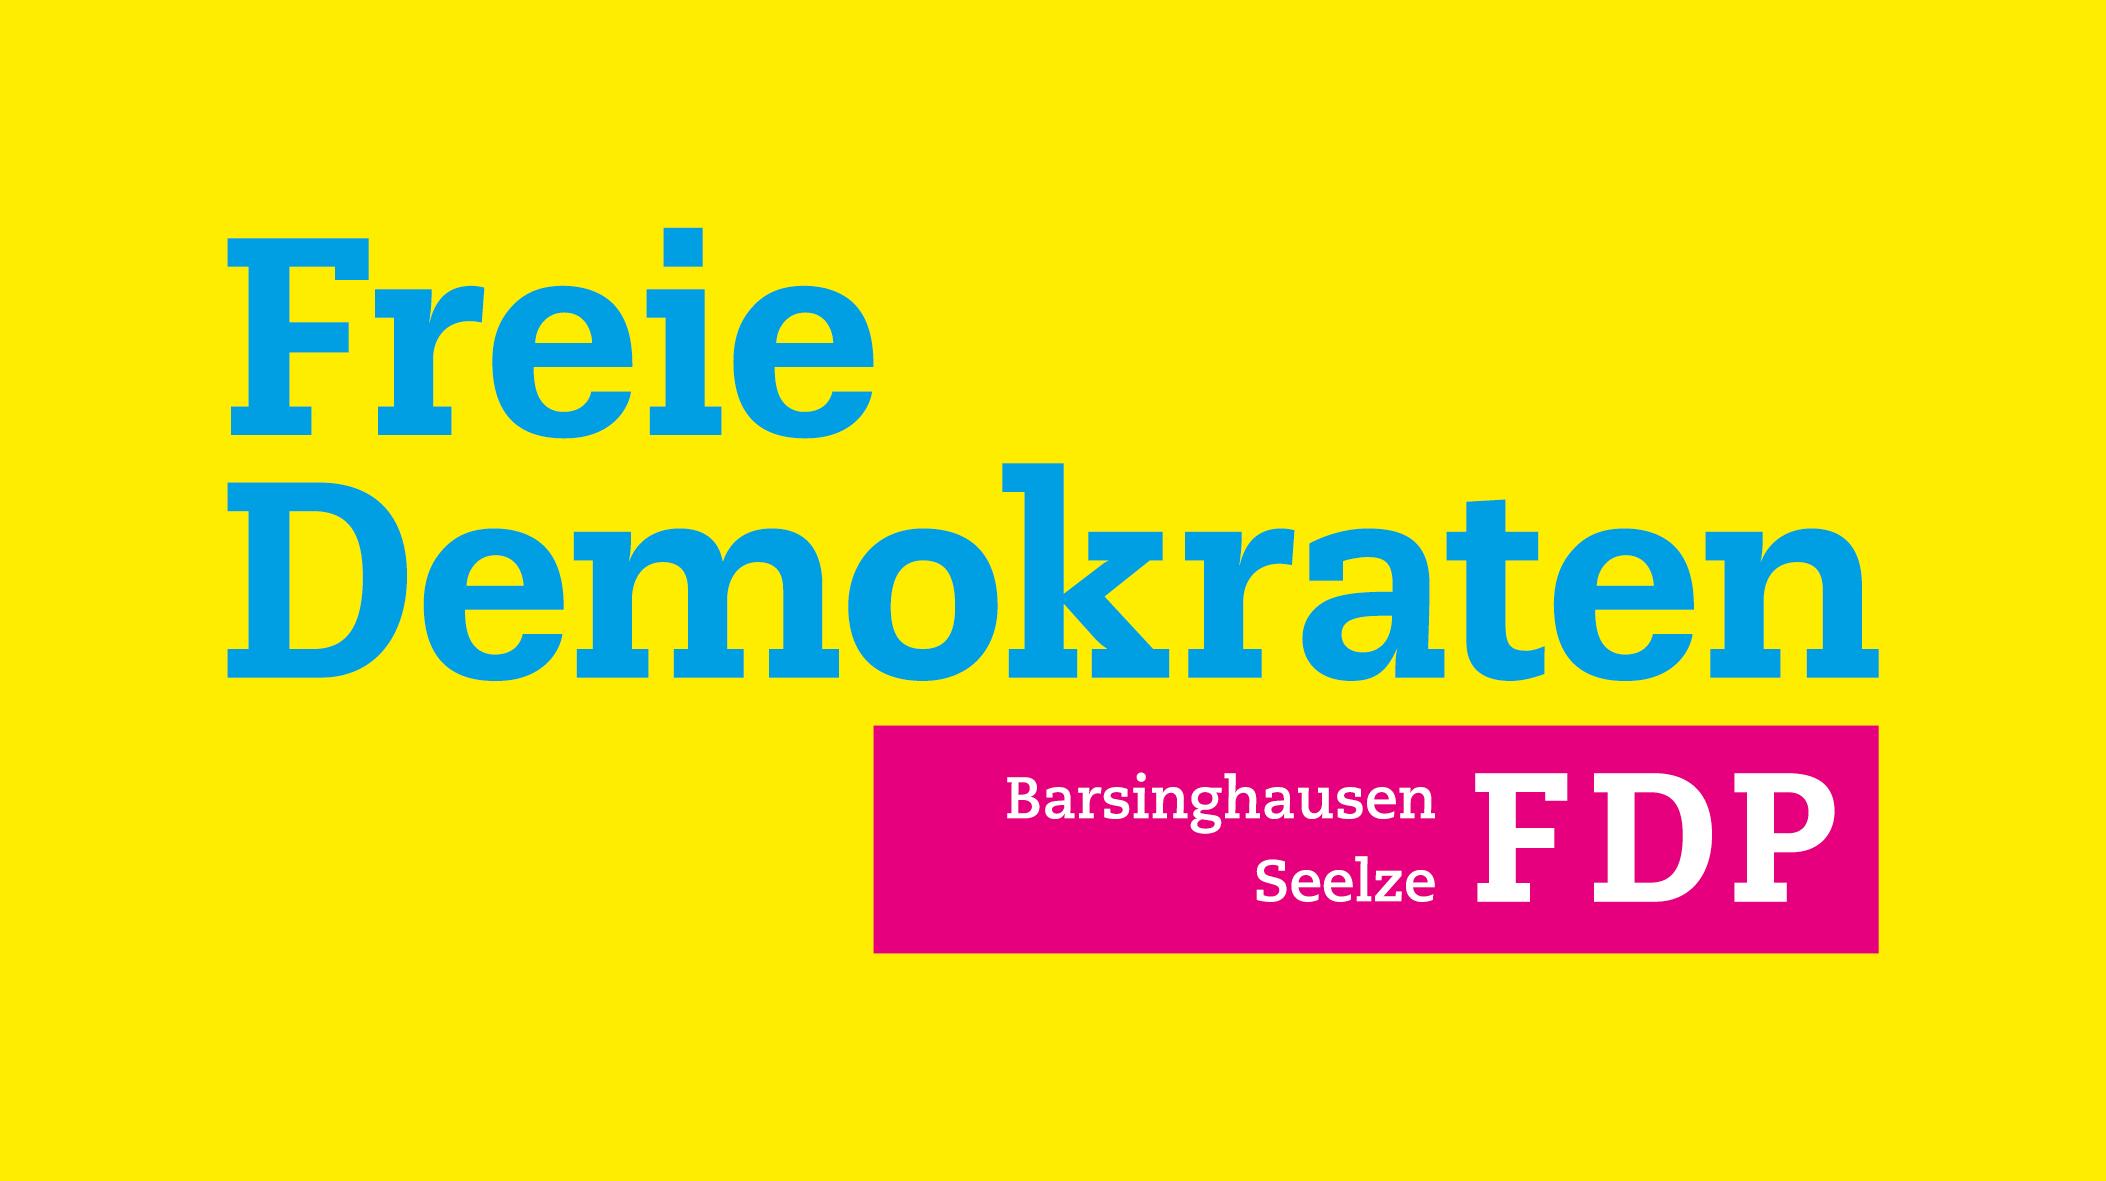 FDP Barsinghausen-Seelze